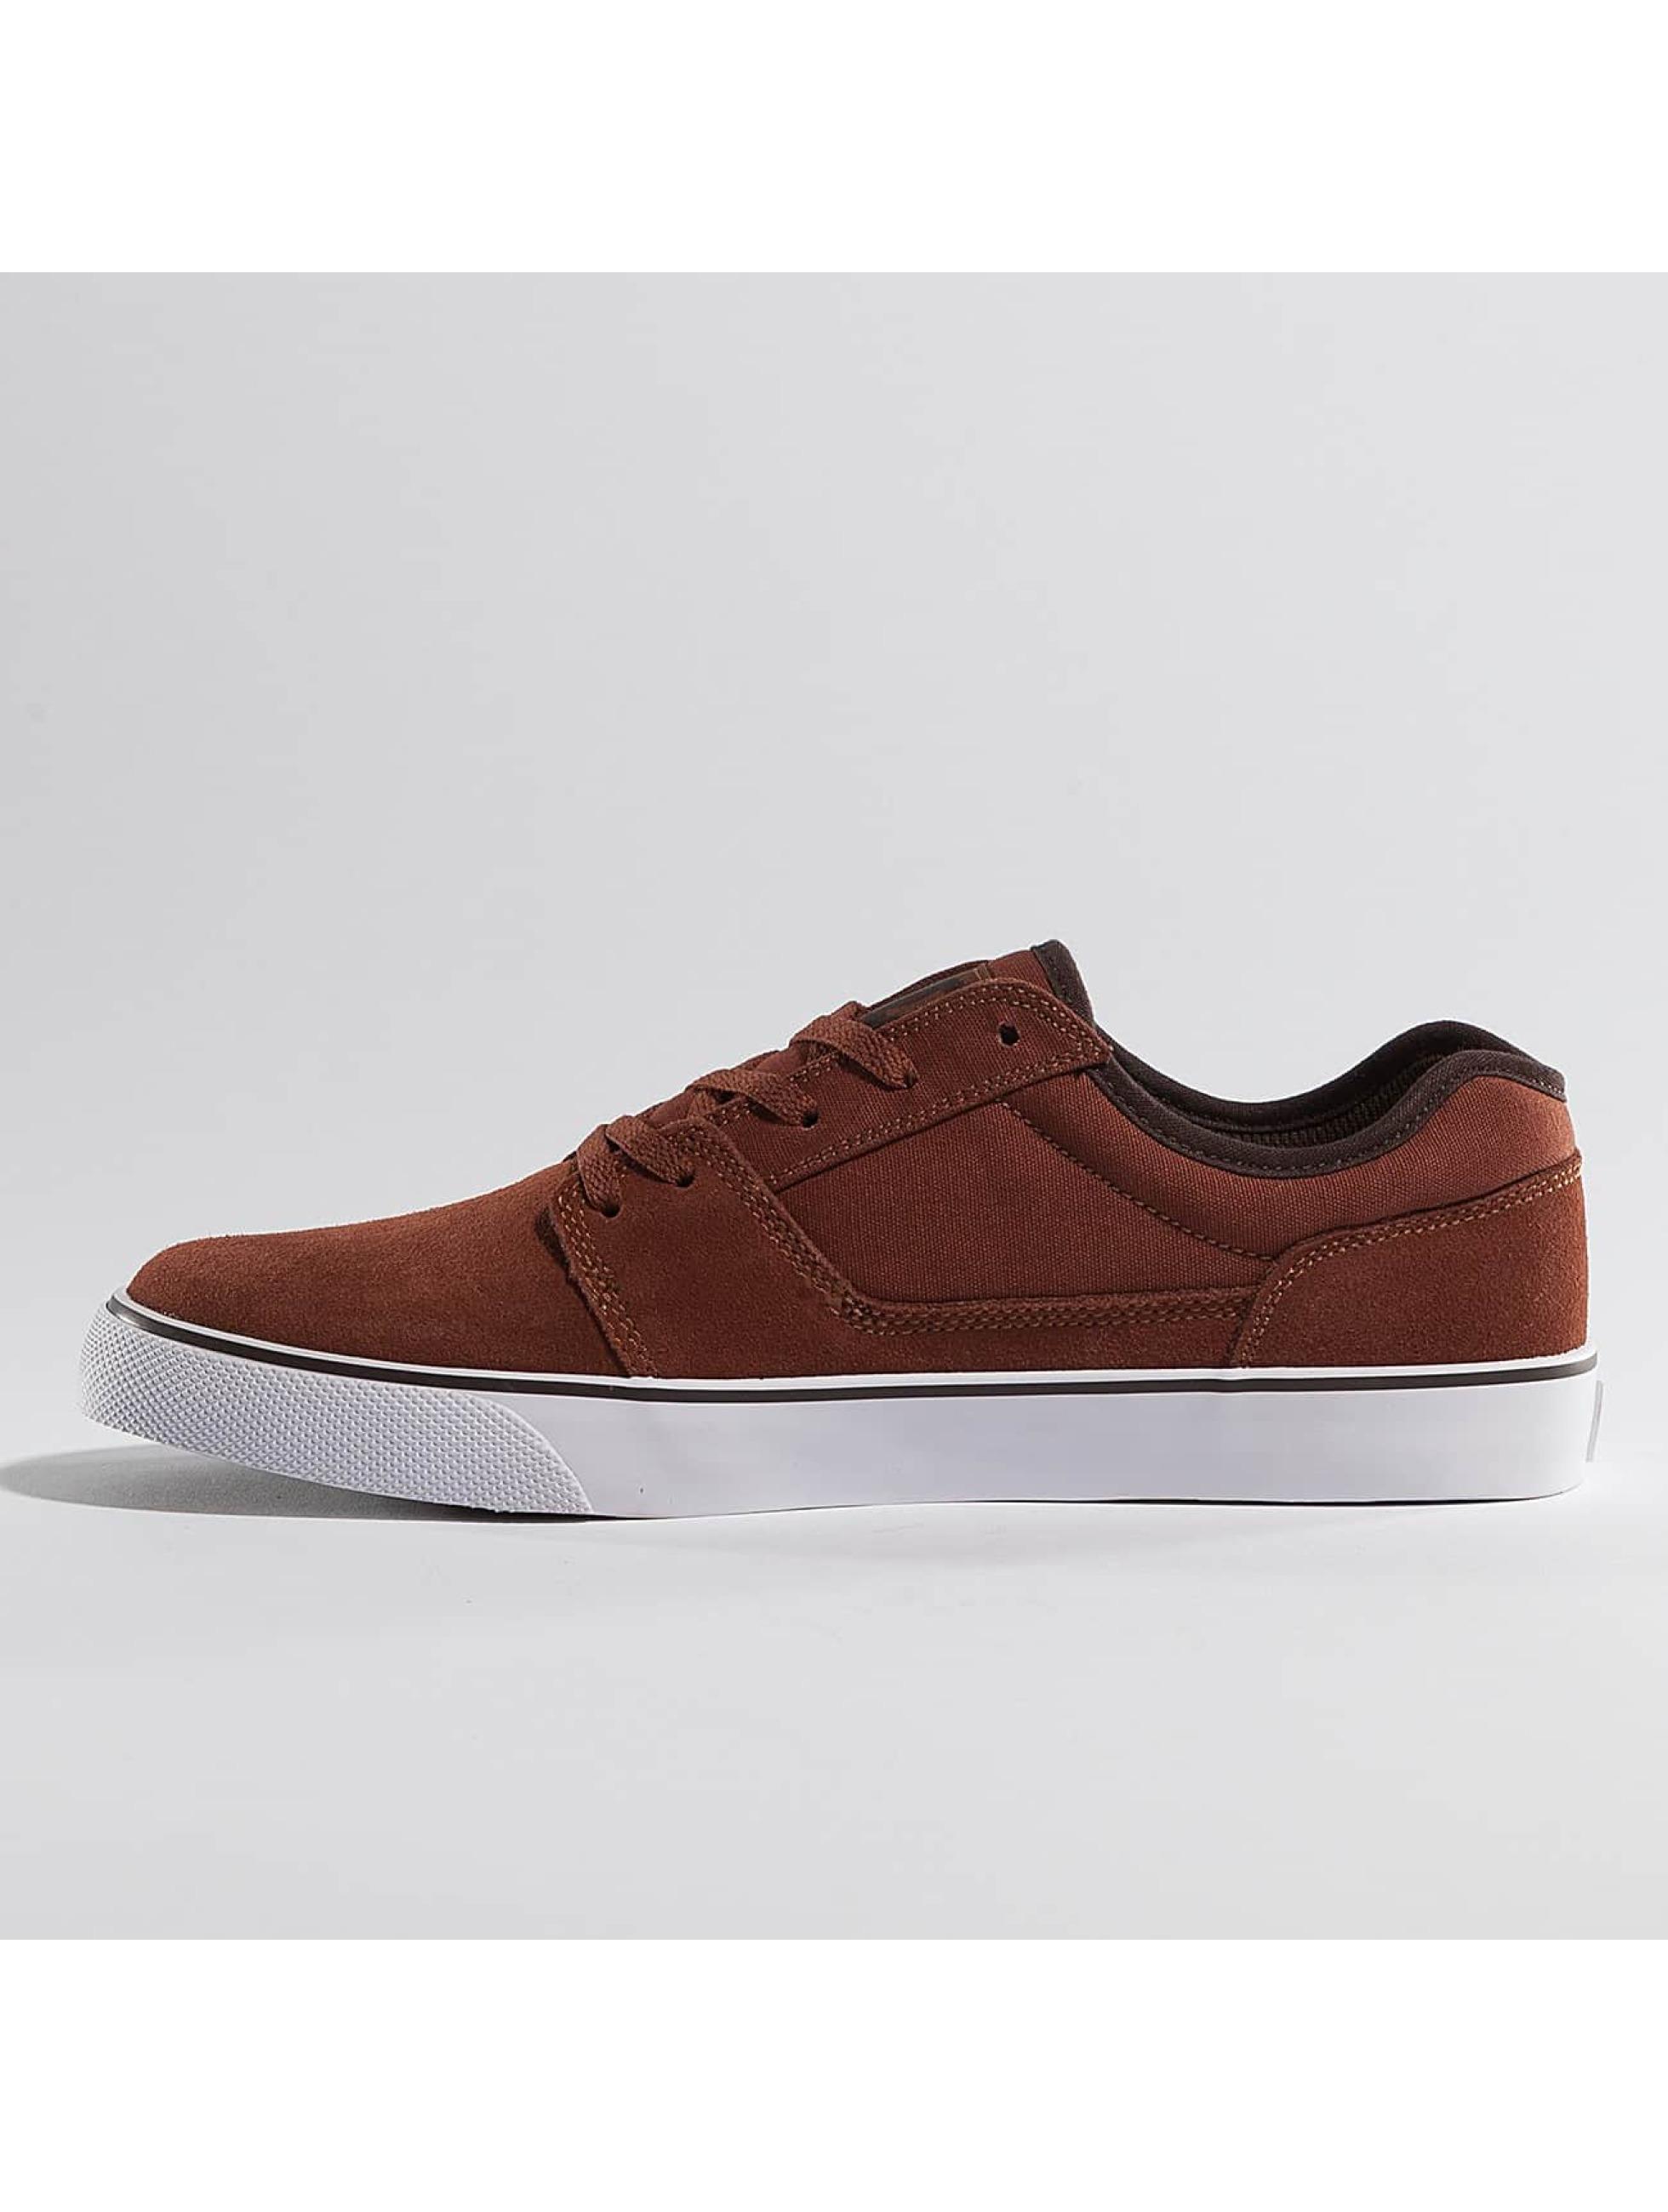 DC Sneakers Tonik brown